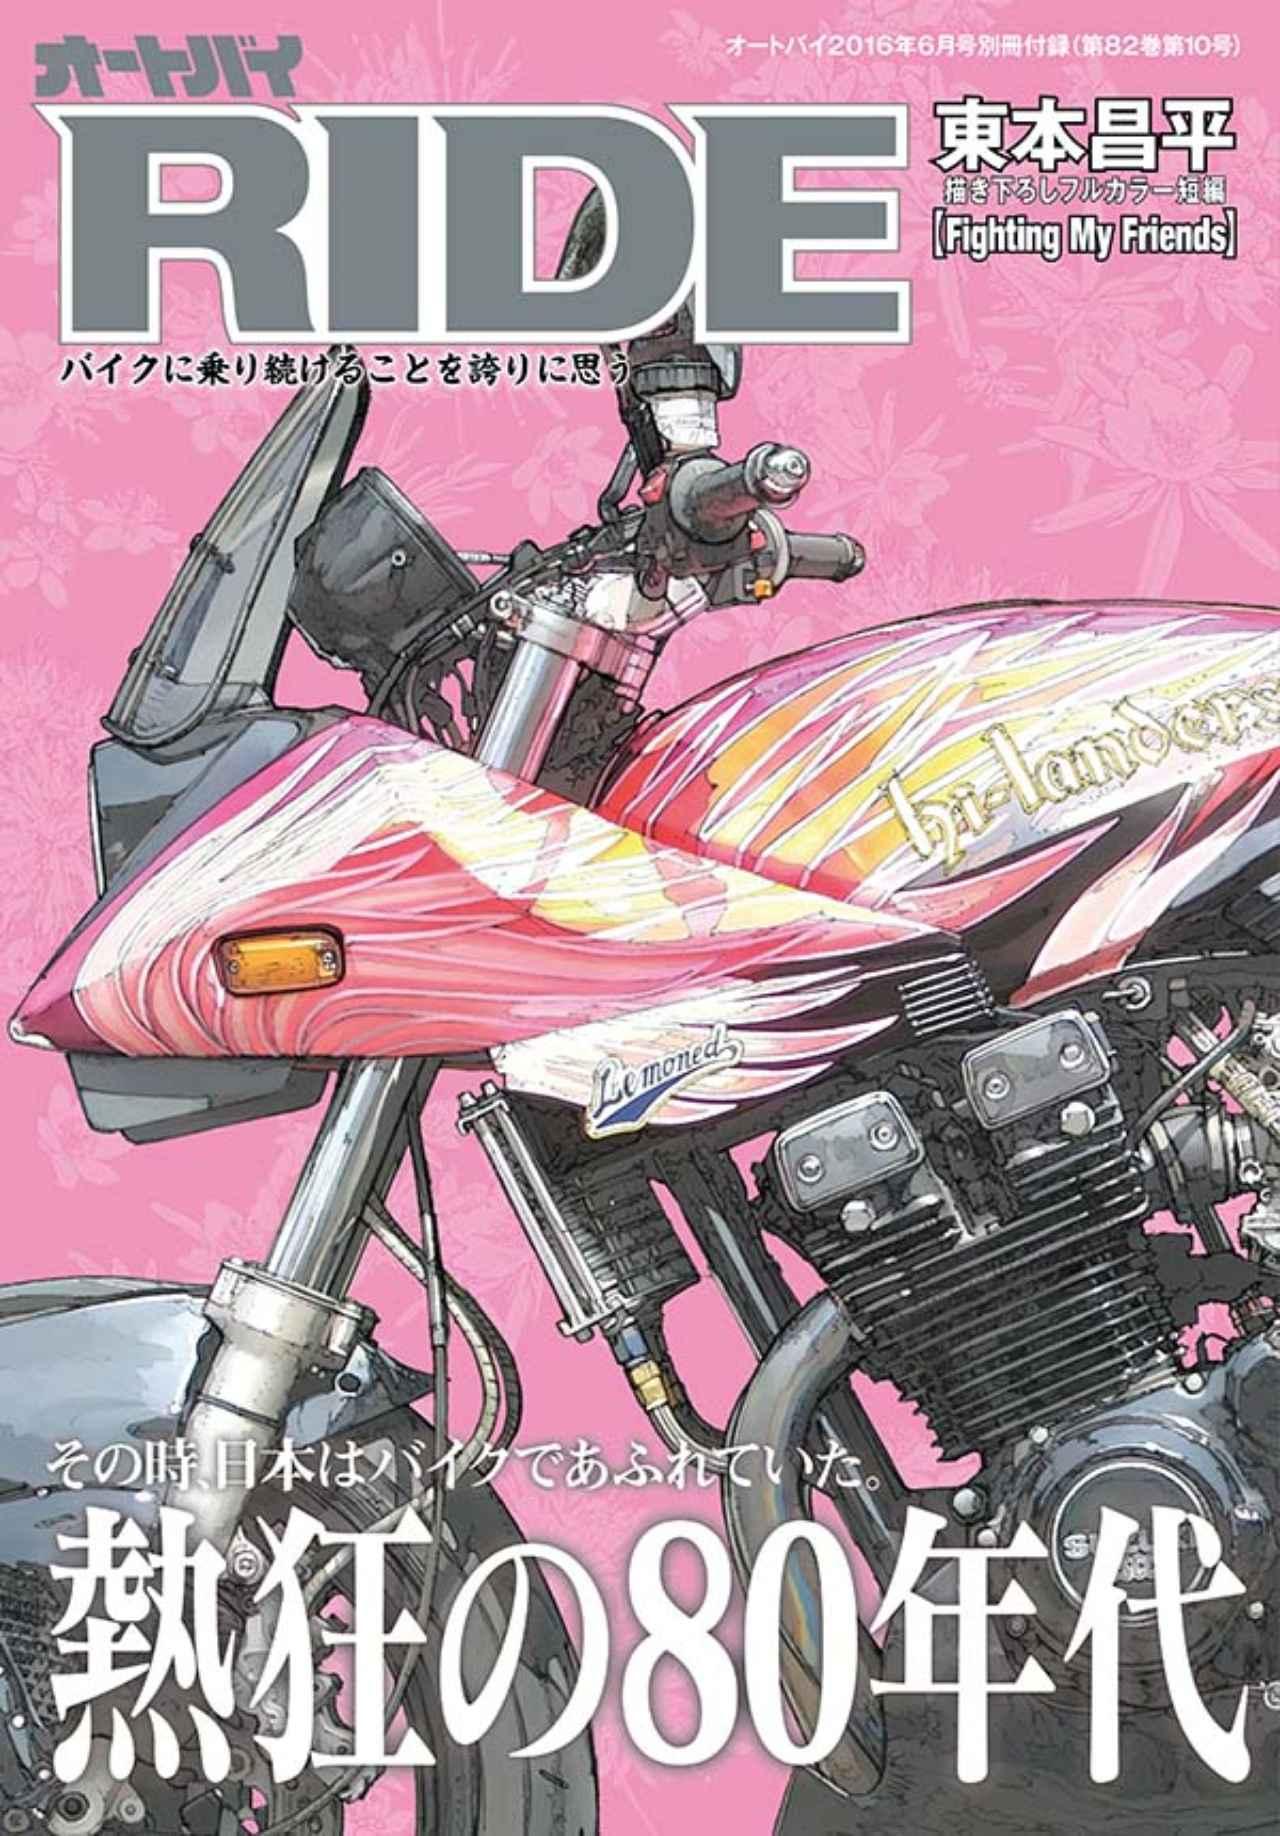 画像: 新生【RIDE】第7号、4月30日(土曜日)発売!!!